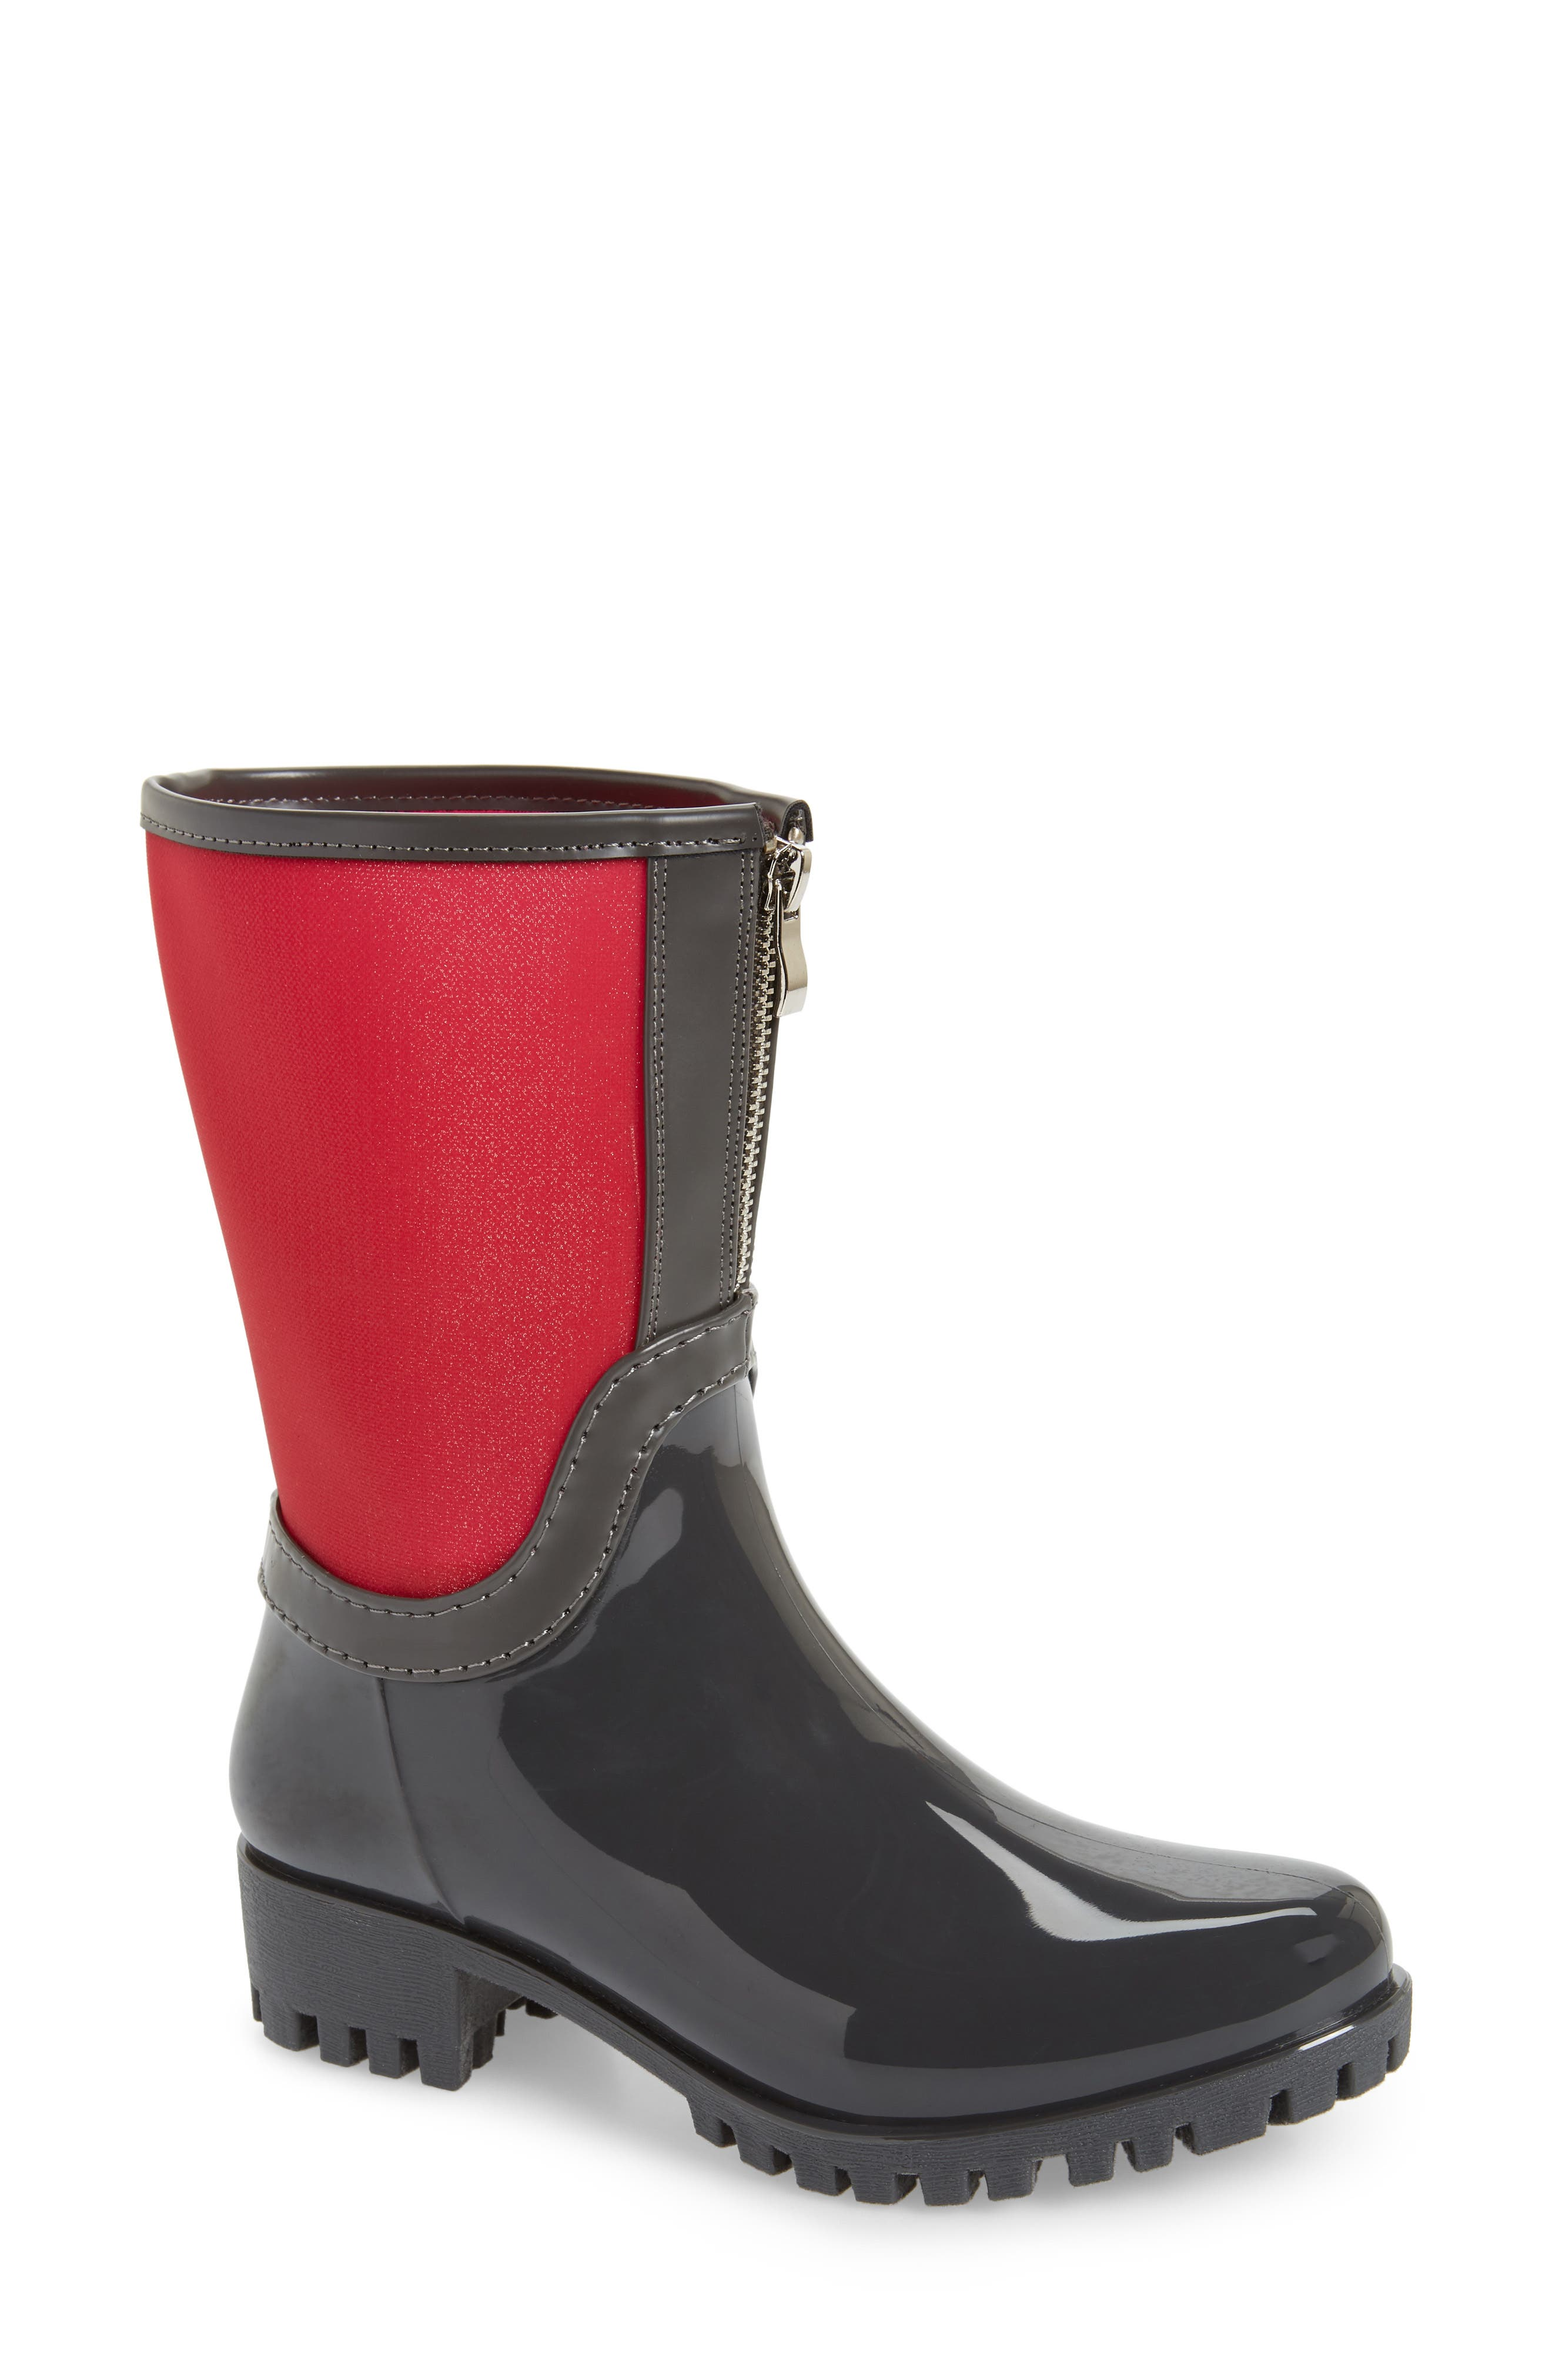 Dav Dryden Sheer Waterproof Boot, Red